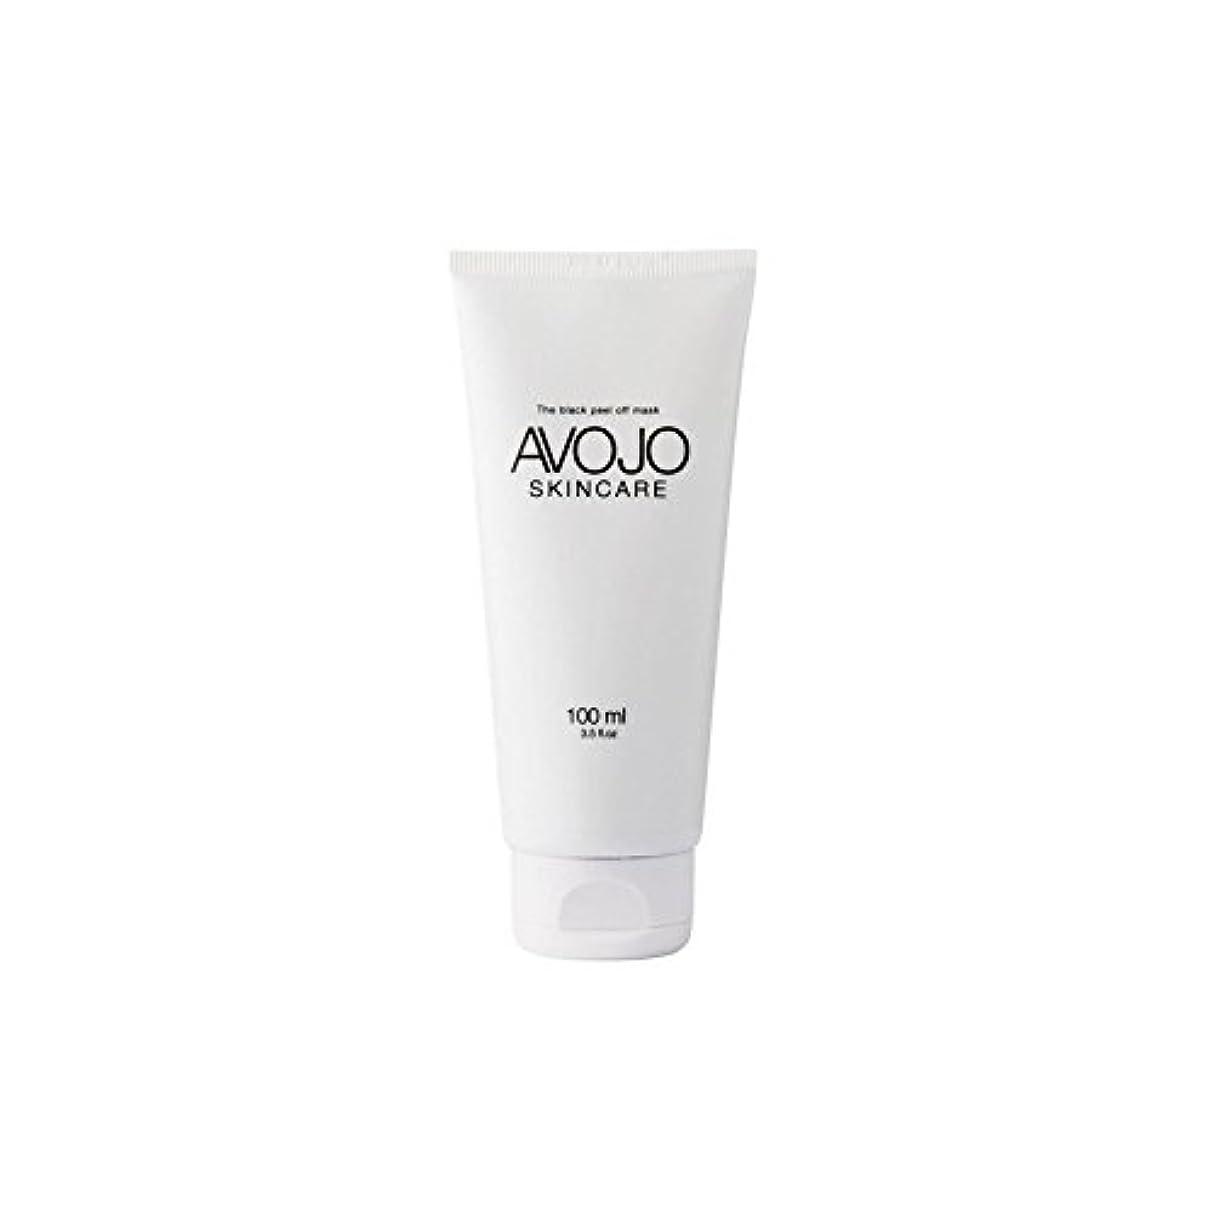 コンサート謙虚引き受ける- 黒皮オフマスク - (ボトル100ミリリットル) x2 - Avojo - The Black Peel Off Mask - (Bottle 100ml) (Pack of 2) [並行輸入品]